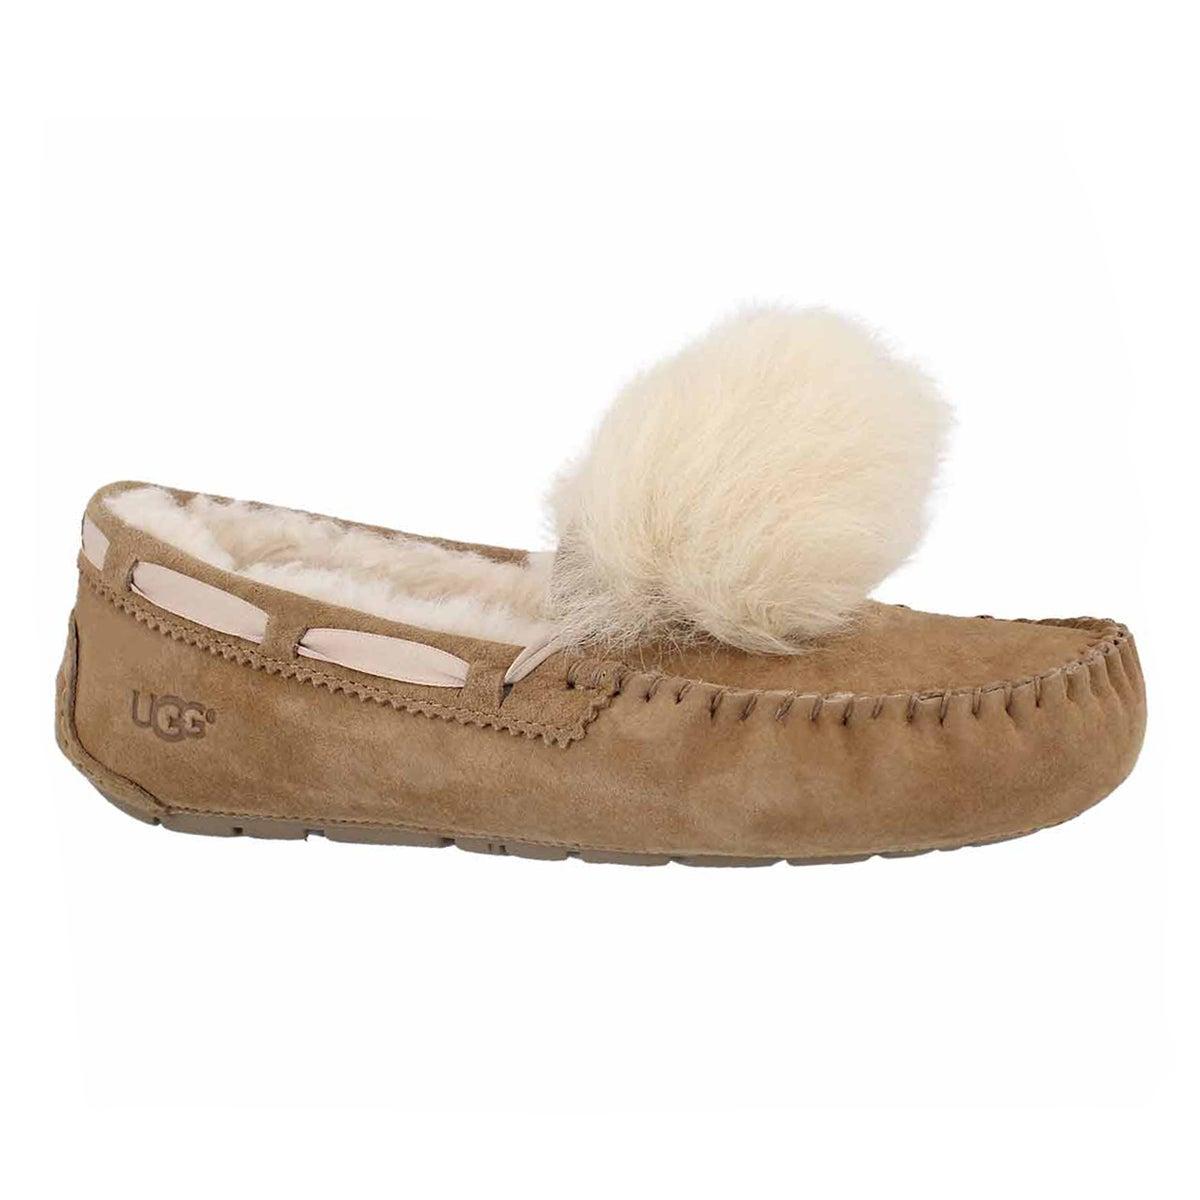 Women's DAKOTA POM POM chestnt sheepskin moccasins